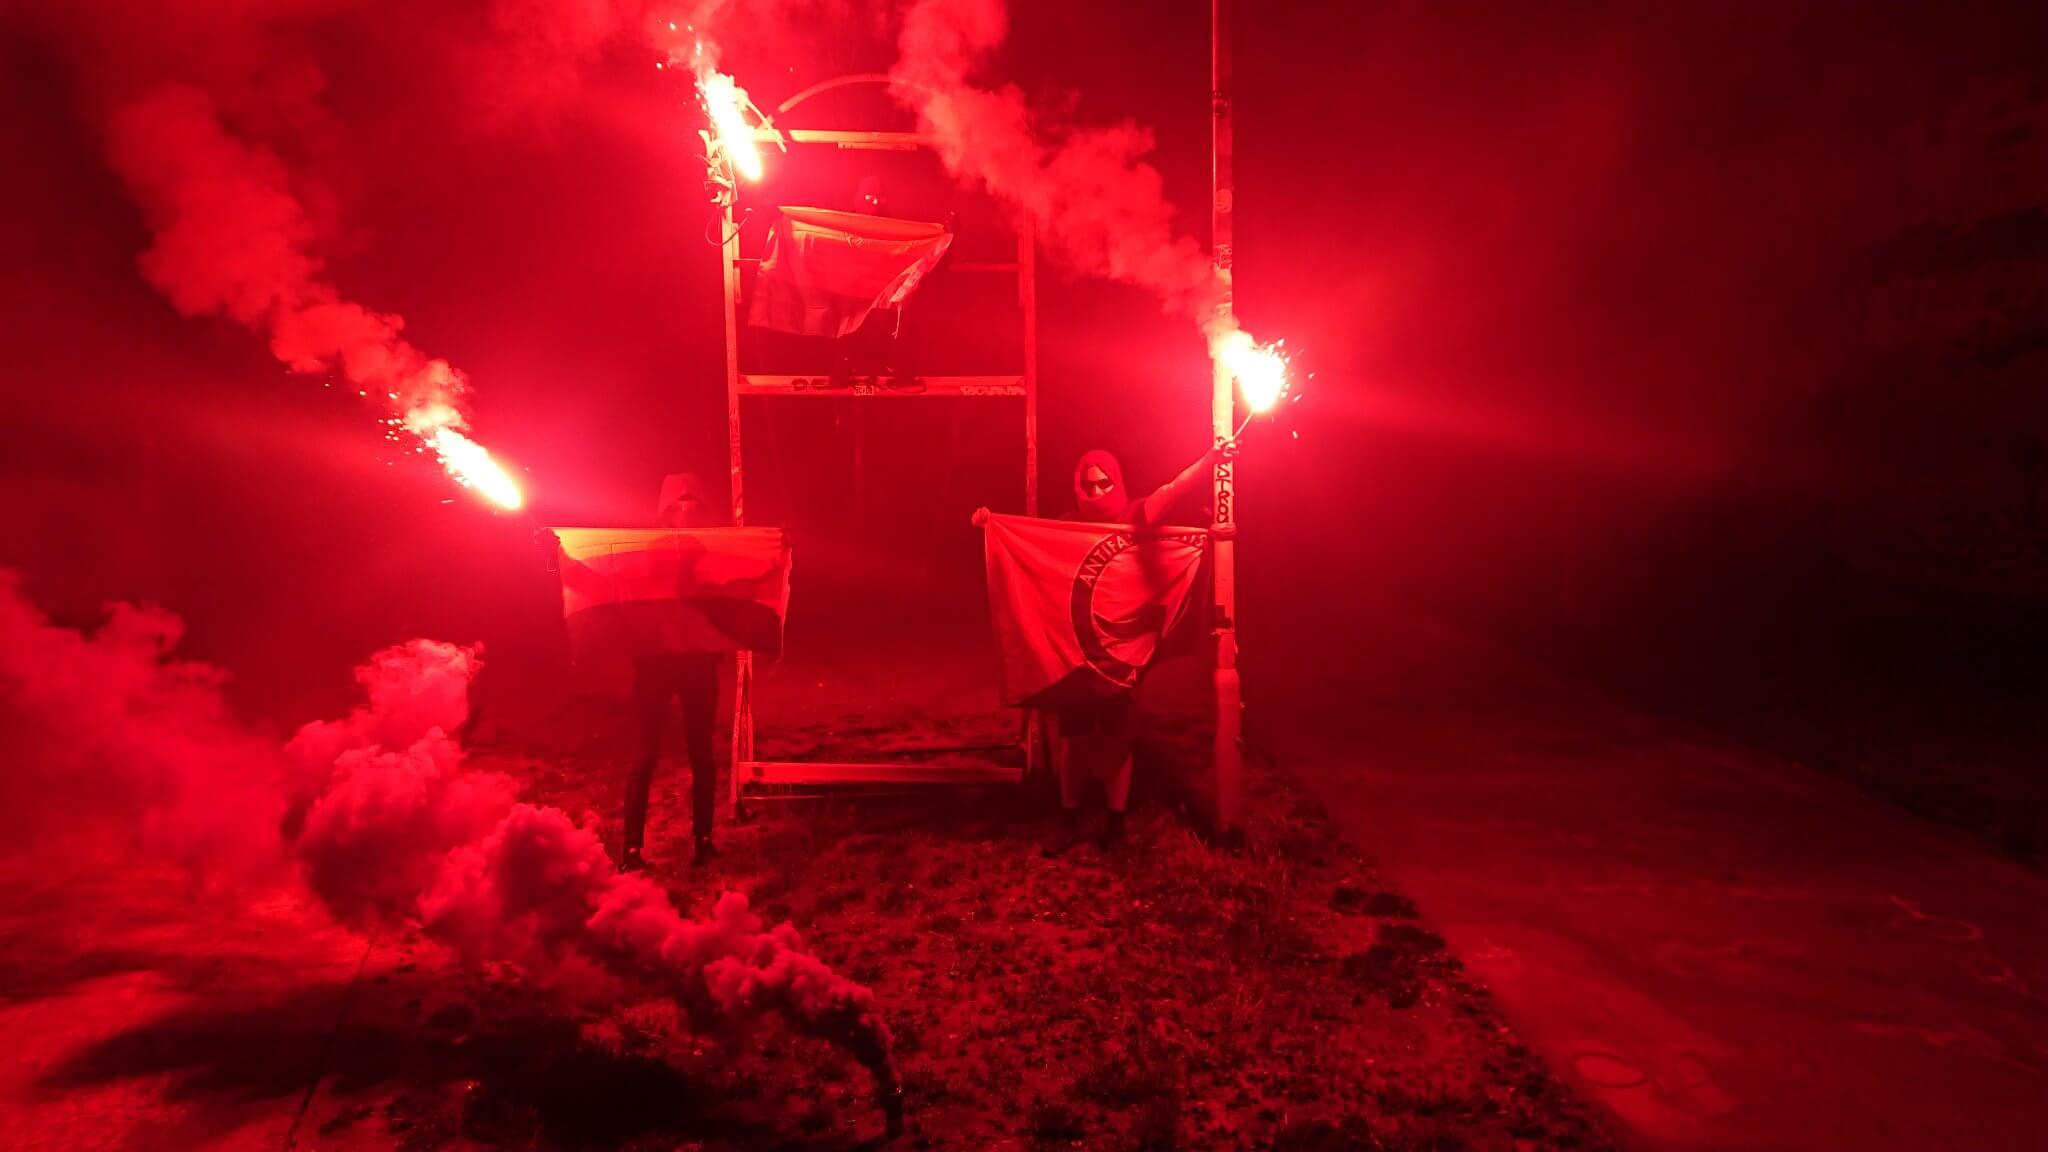 Drei Aktivist*innen mit Pyro-Fackeln, zwei Rojava-Fahnen und einer Antifa-Fahne